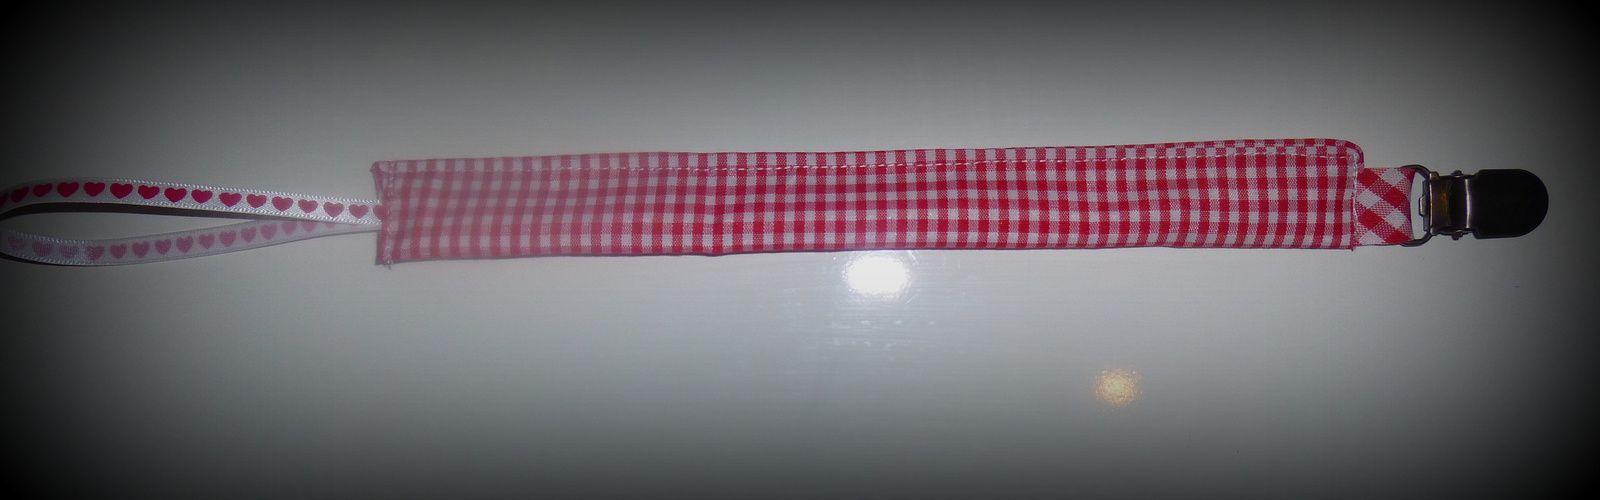 Couture simple : l'accroche tétine ...